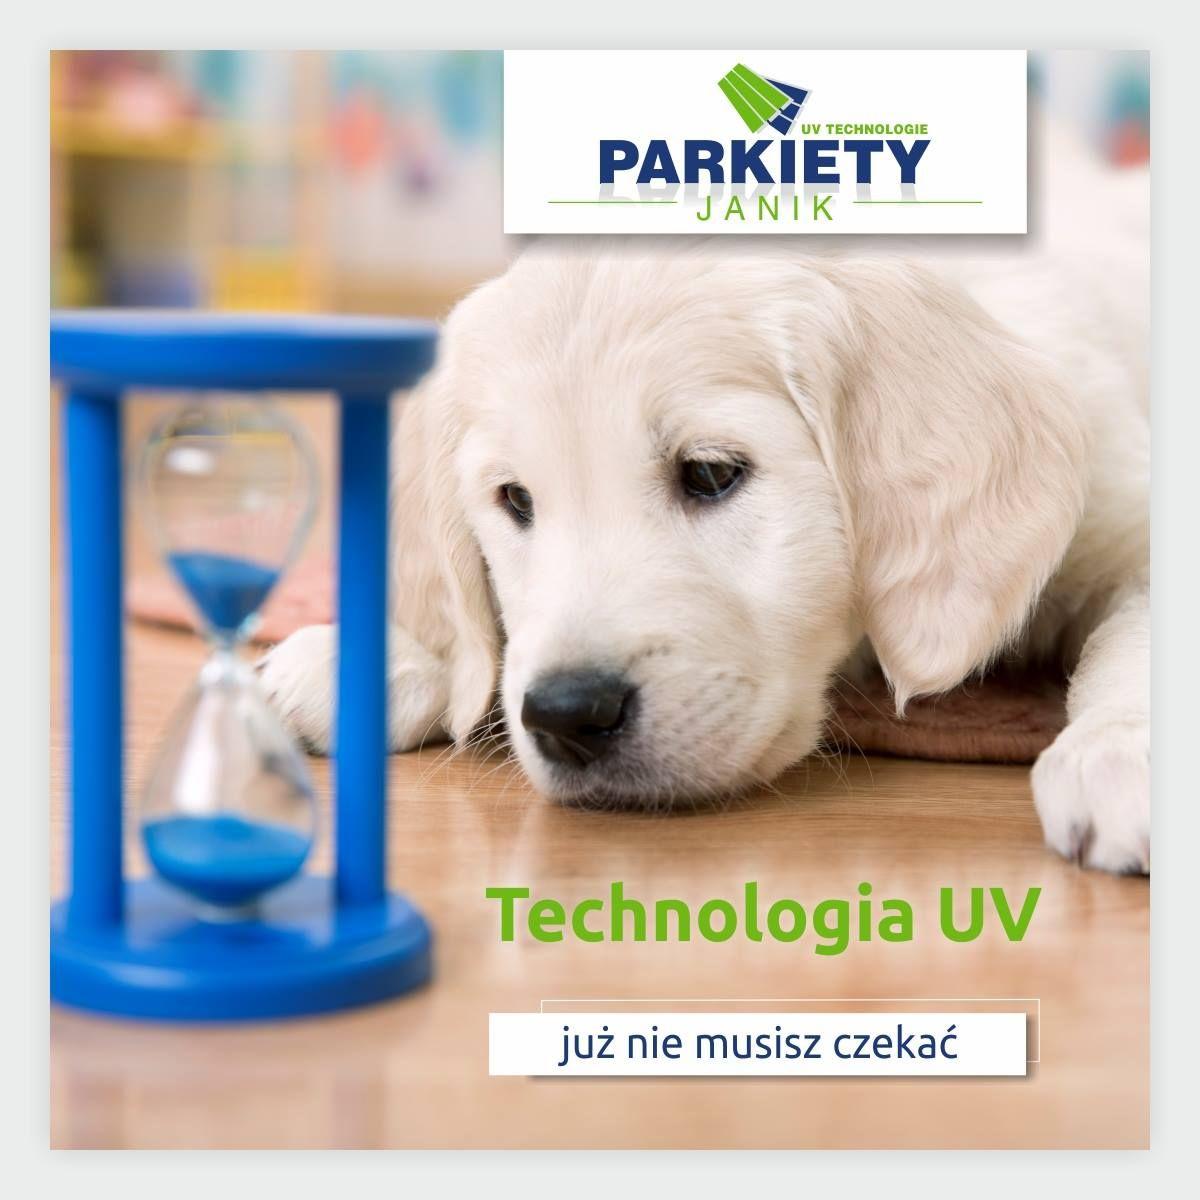 Pin On Parkiety Janik Uv Technologie